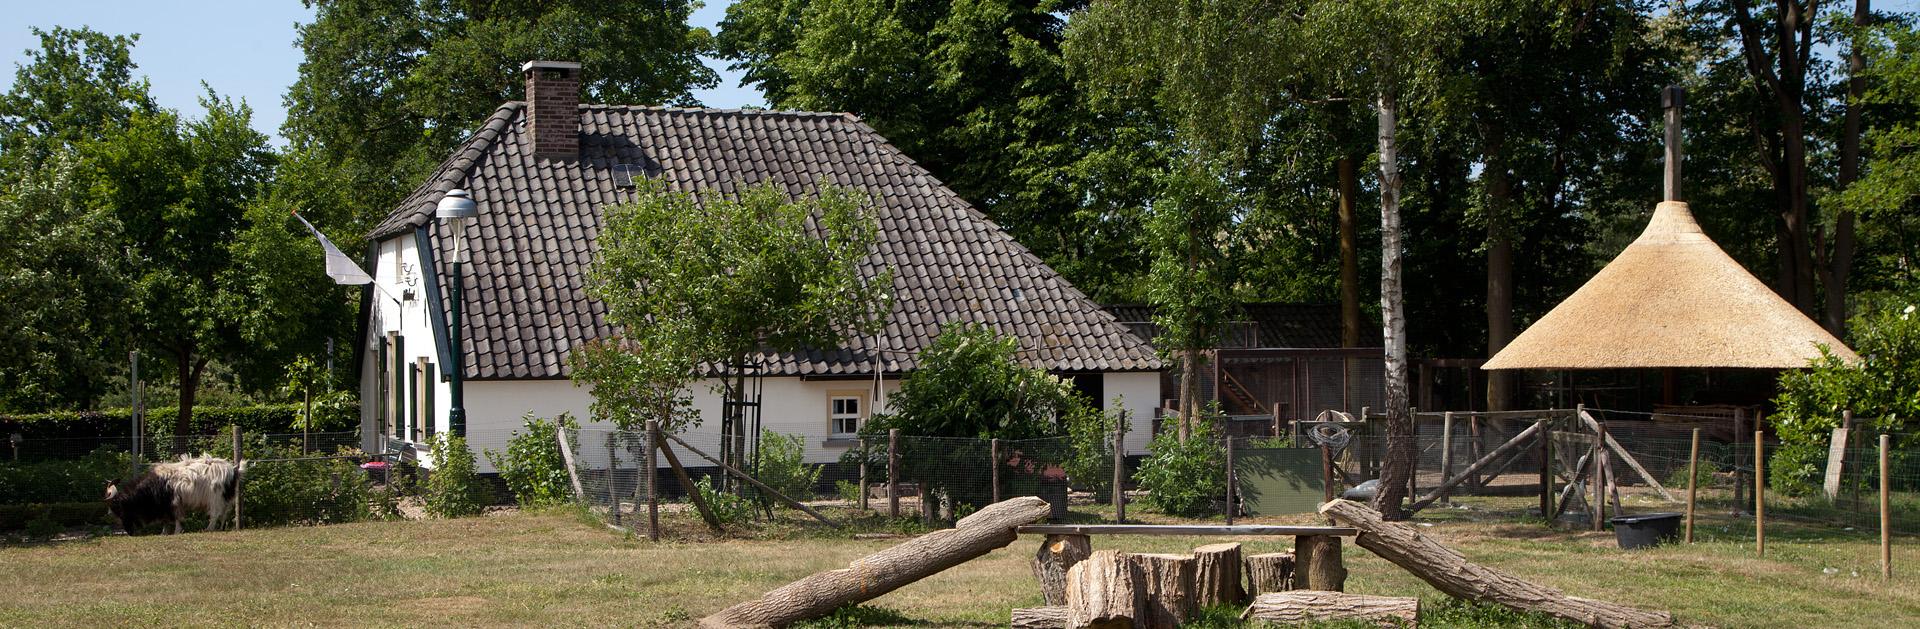 Museumboerderij de Gildekaot - Zeddam Regio Achterhoek - Liemers